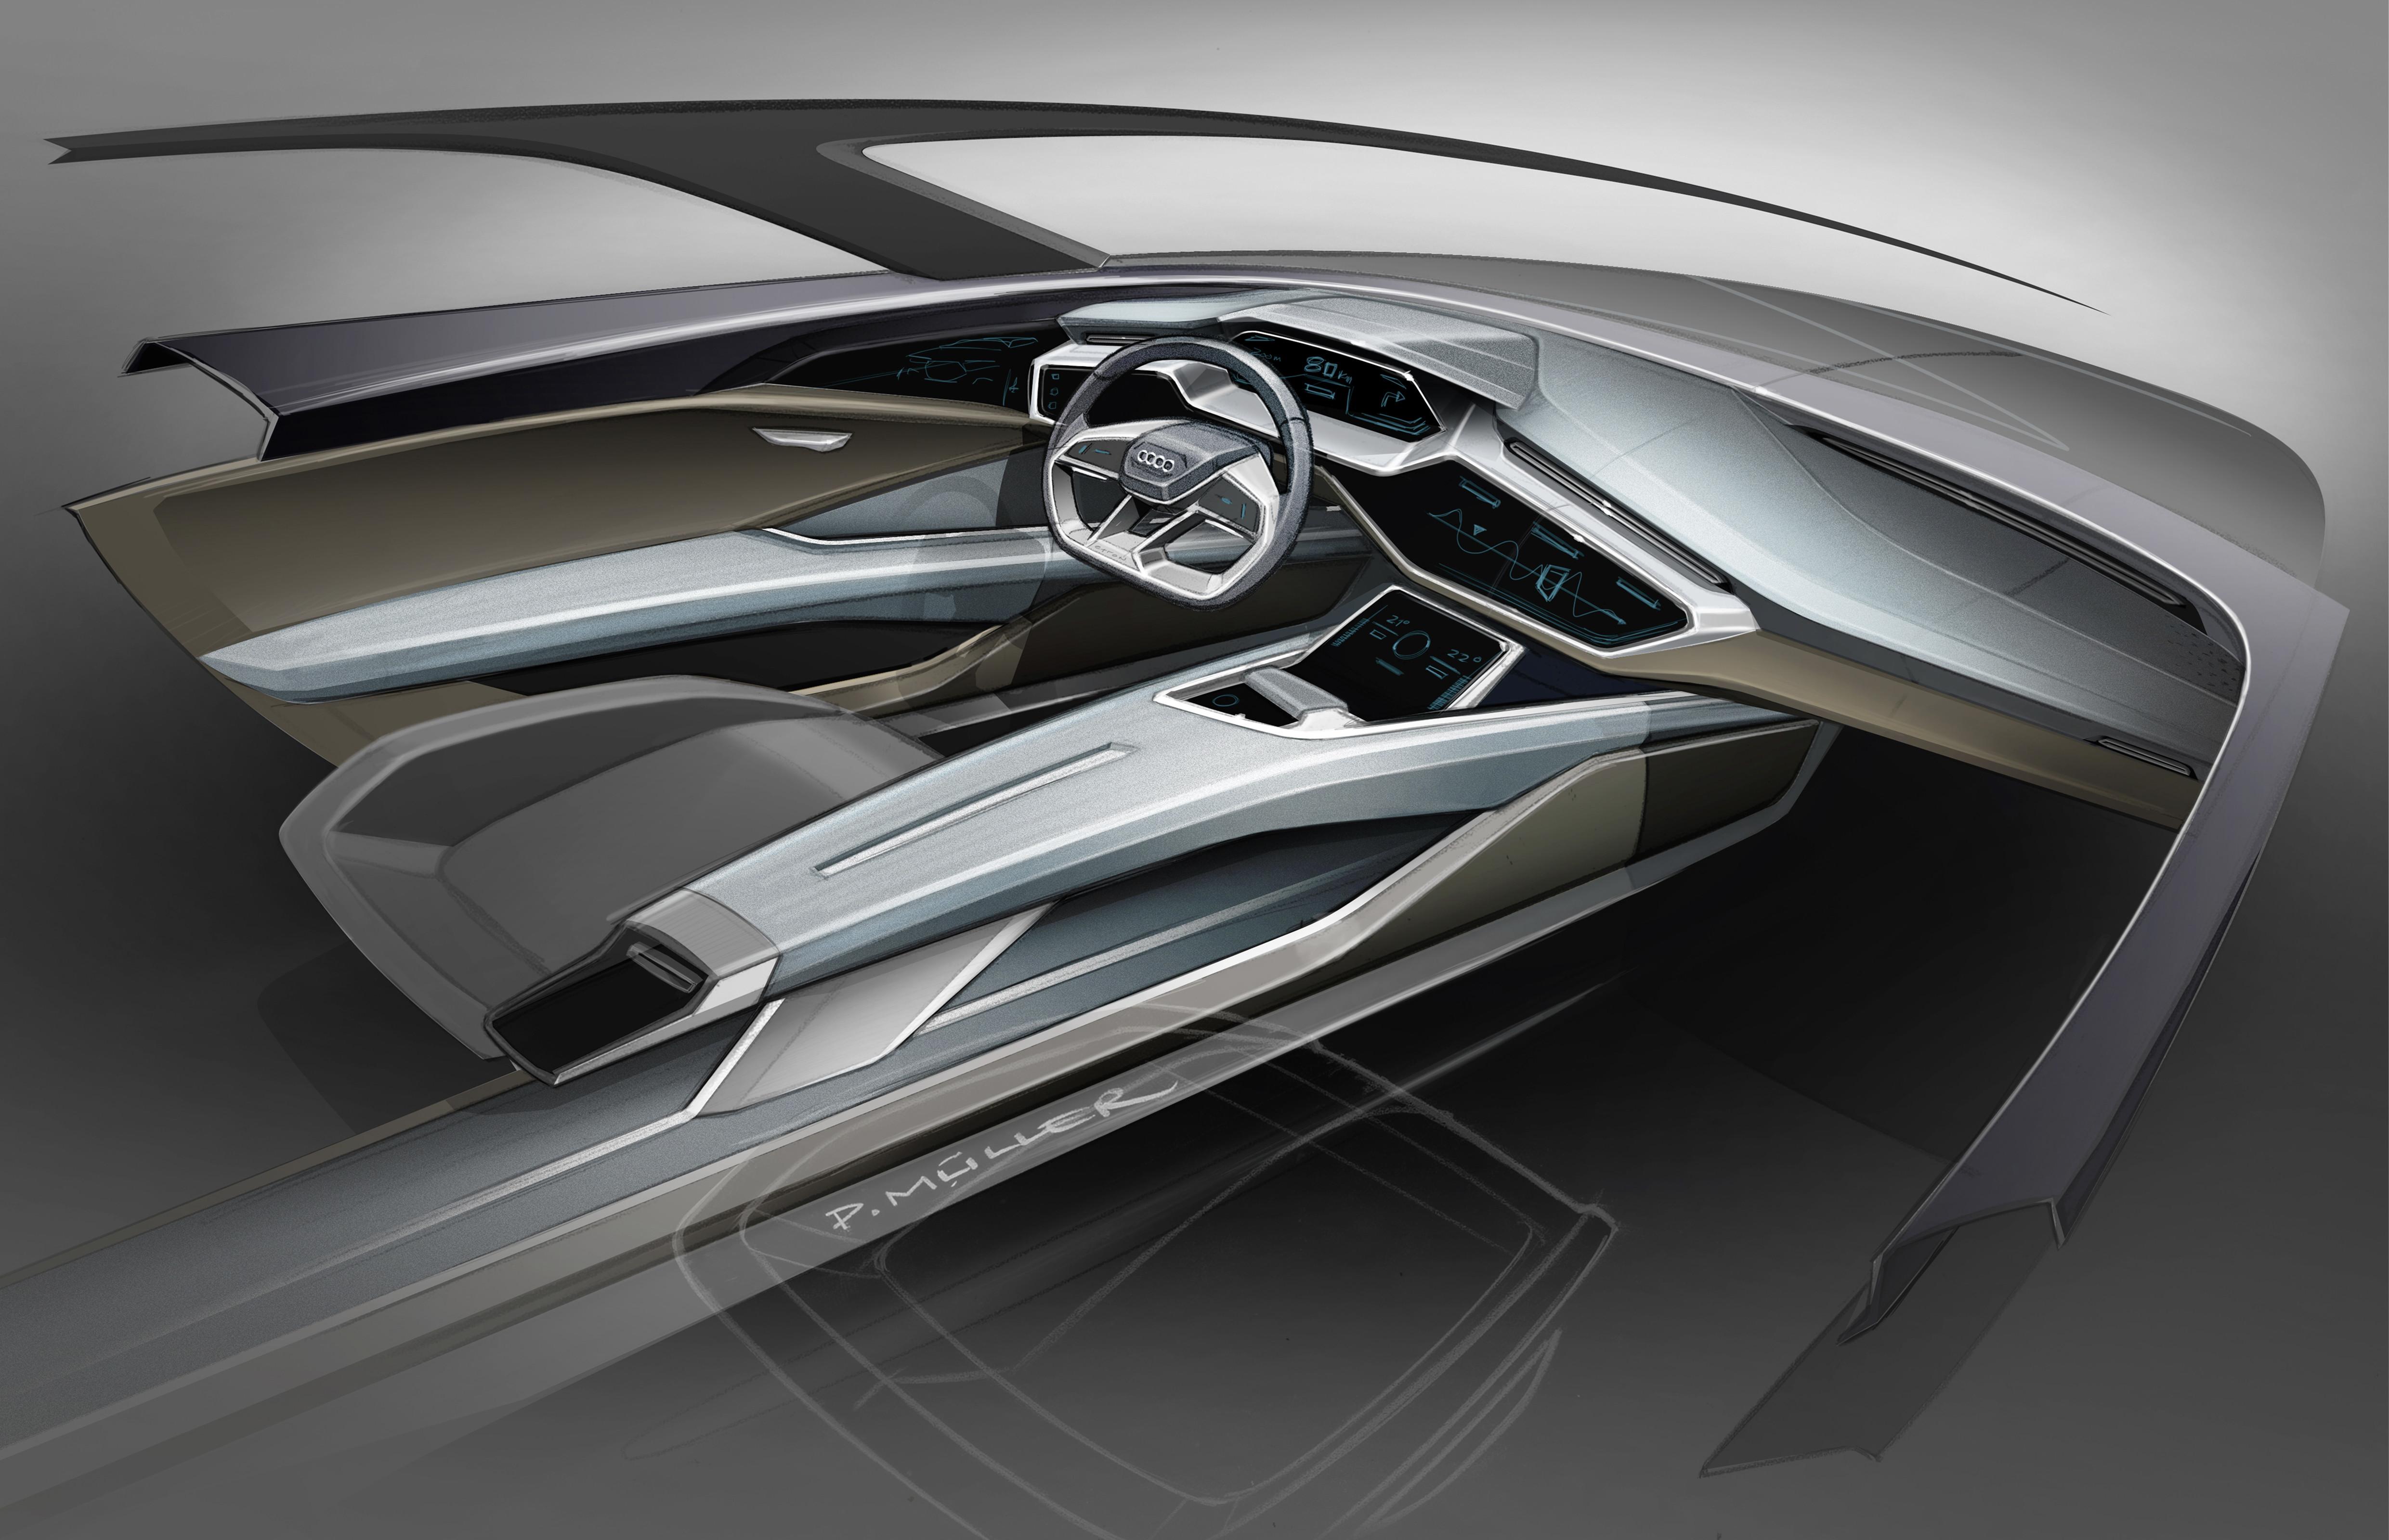 Audi e-tron quattro concept â?? Cockpit Sketch